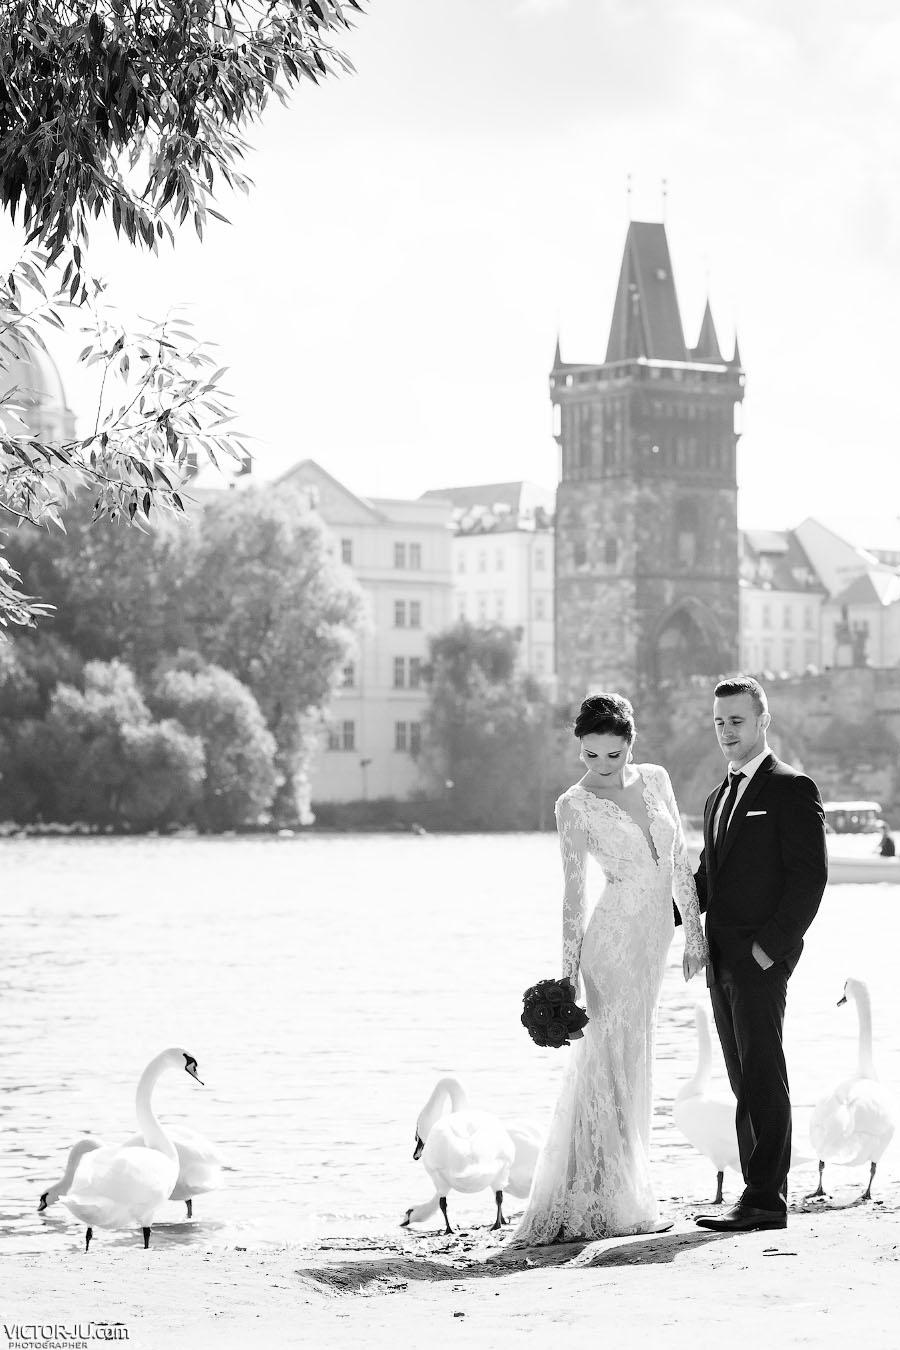 Фото на берегу реки Влтава в Праге